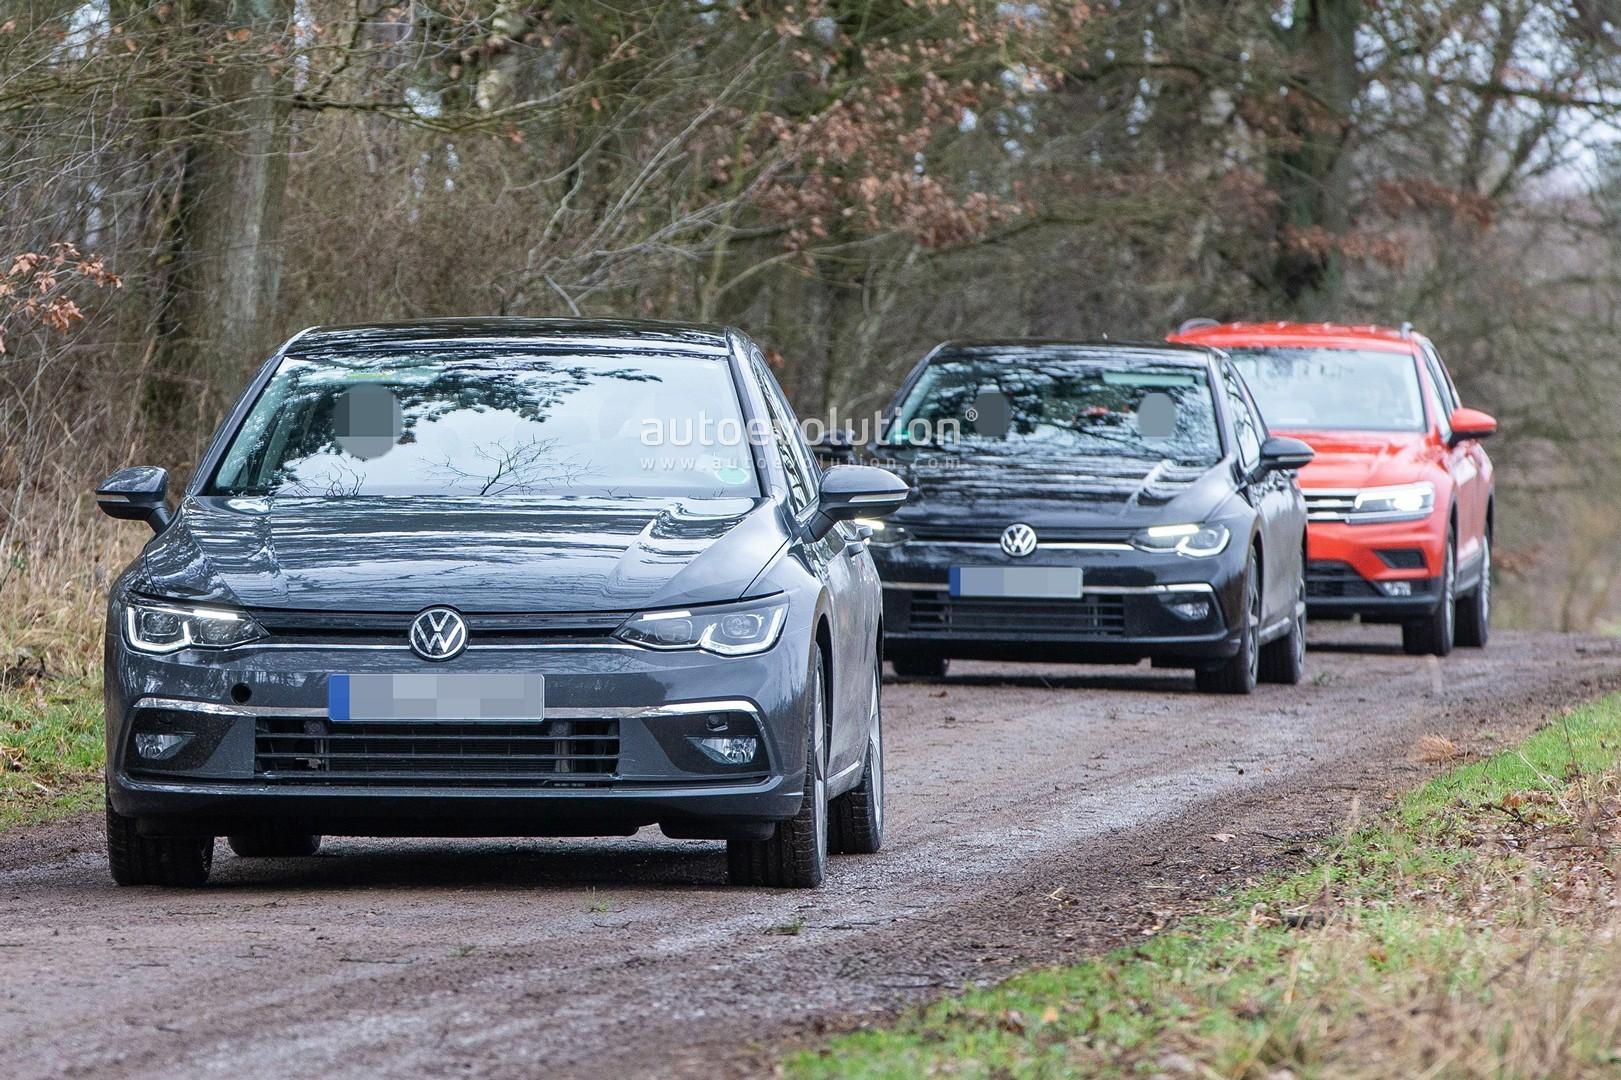 2020 Volkswagen Golf 8 Spied Virtually Undisguised